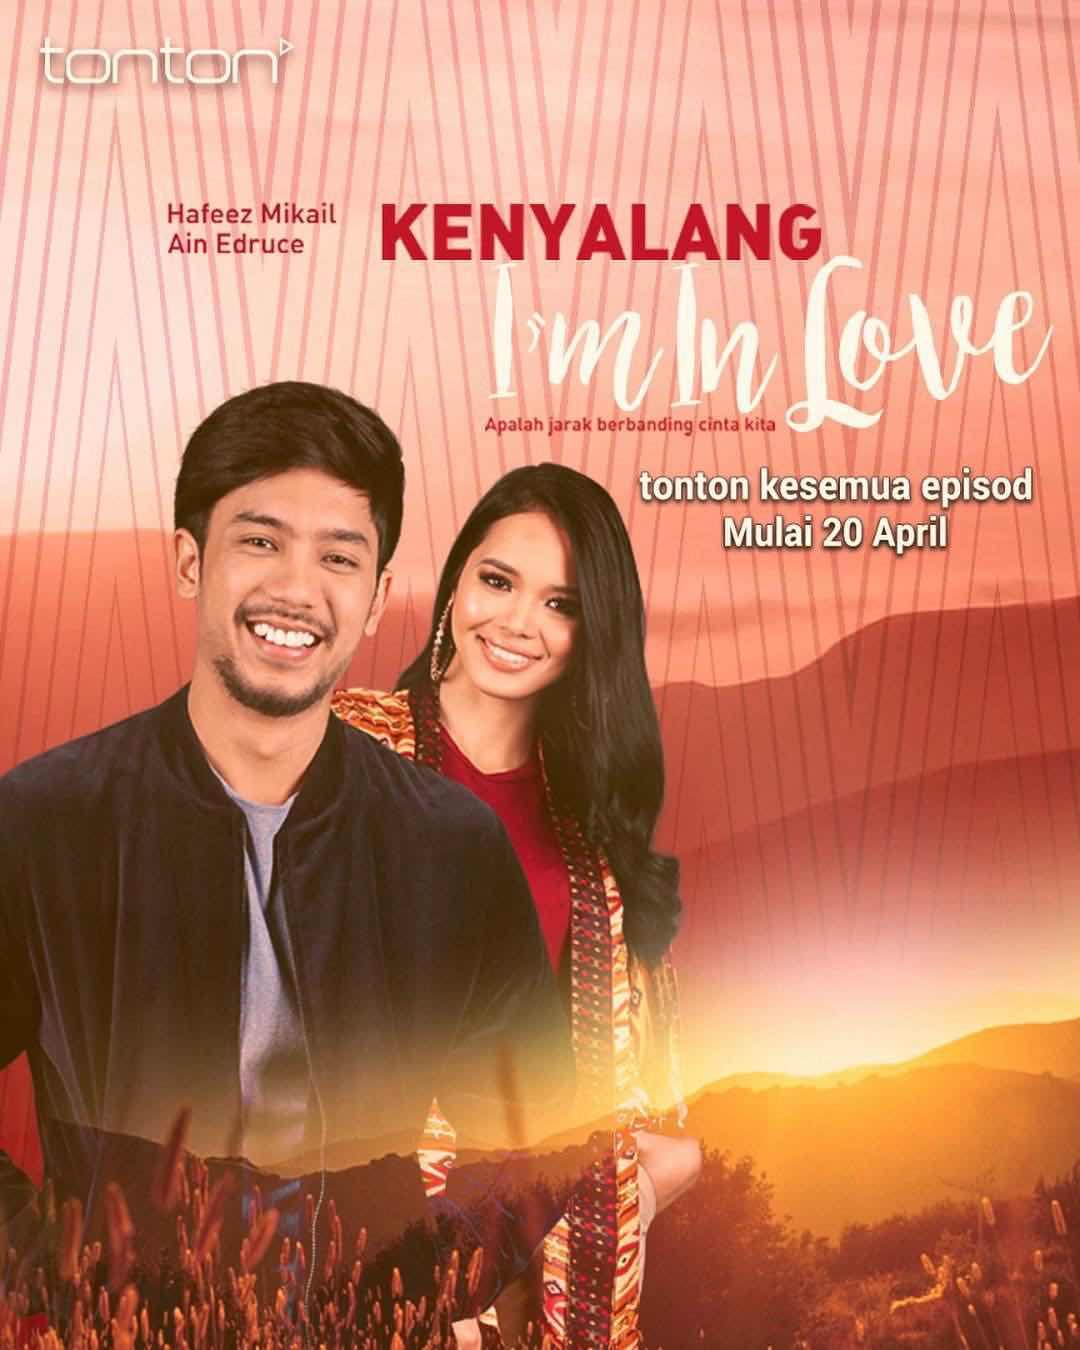 %255BUNSET%255D - Drama Kenyalang Im In Love, hiasi slot Lestary TV3